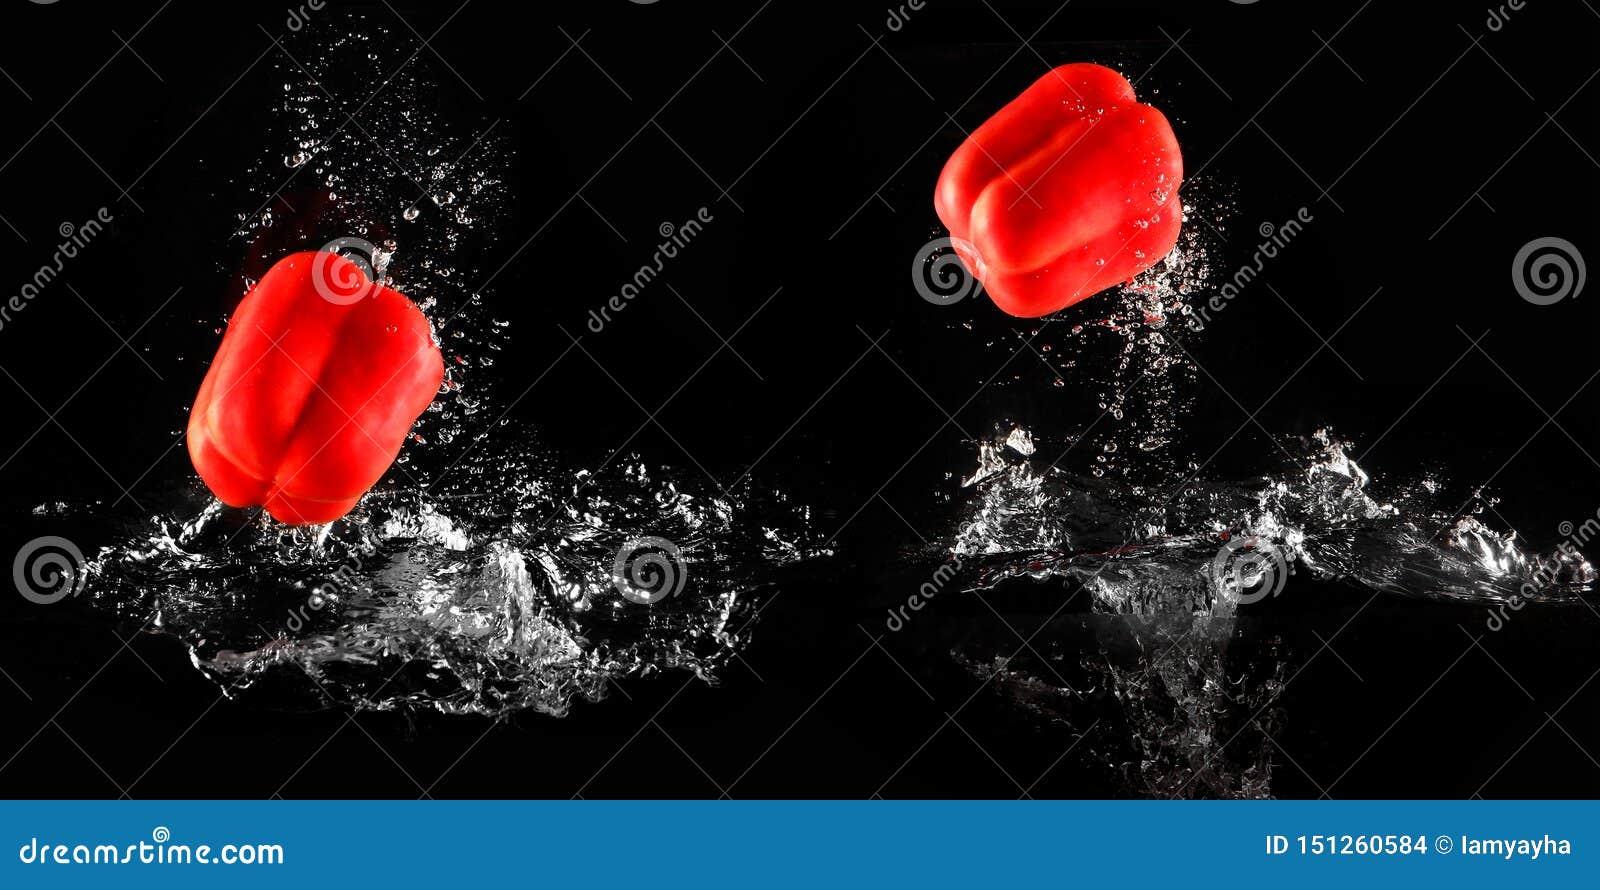 Peperone dolce con la spruzzata dell acqua e bolla isolata per la verdura Singolo calo fresco del peperone in acqua Paprica rossa